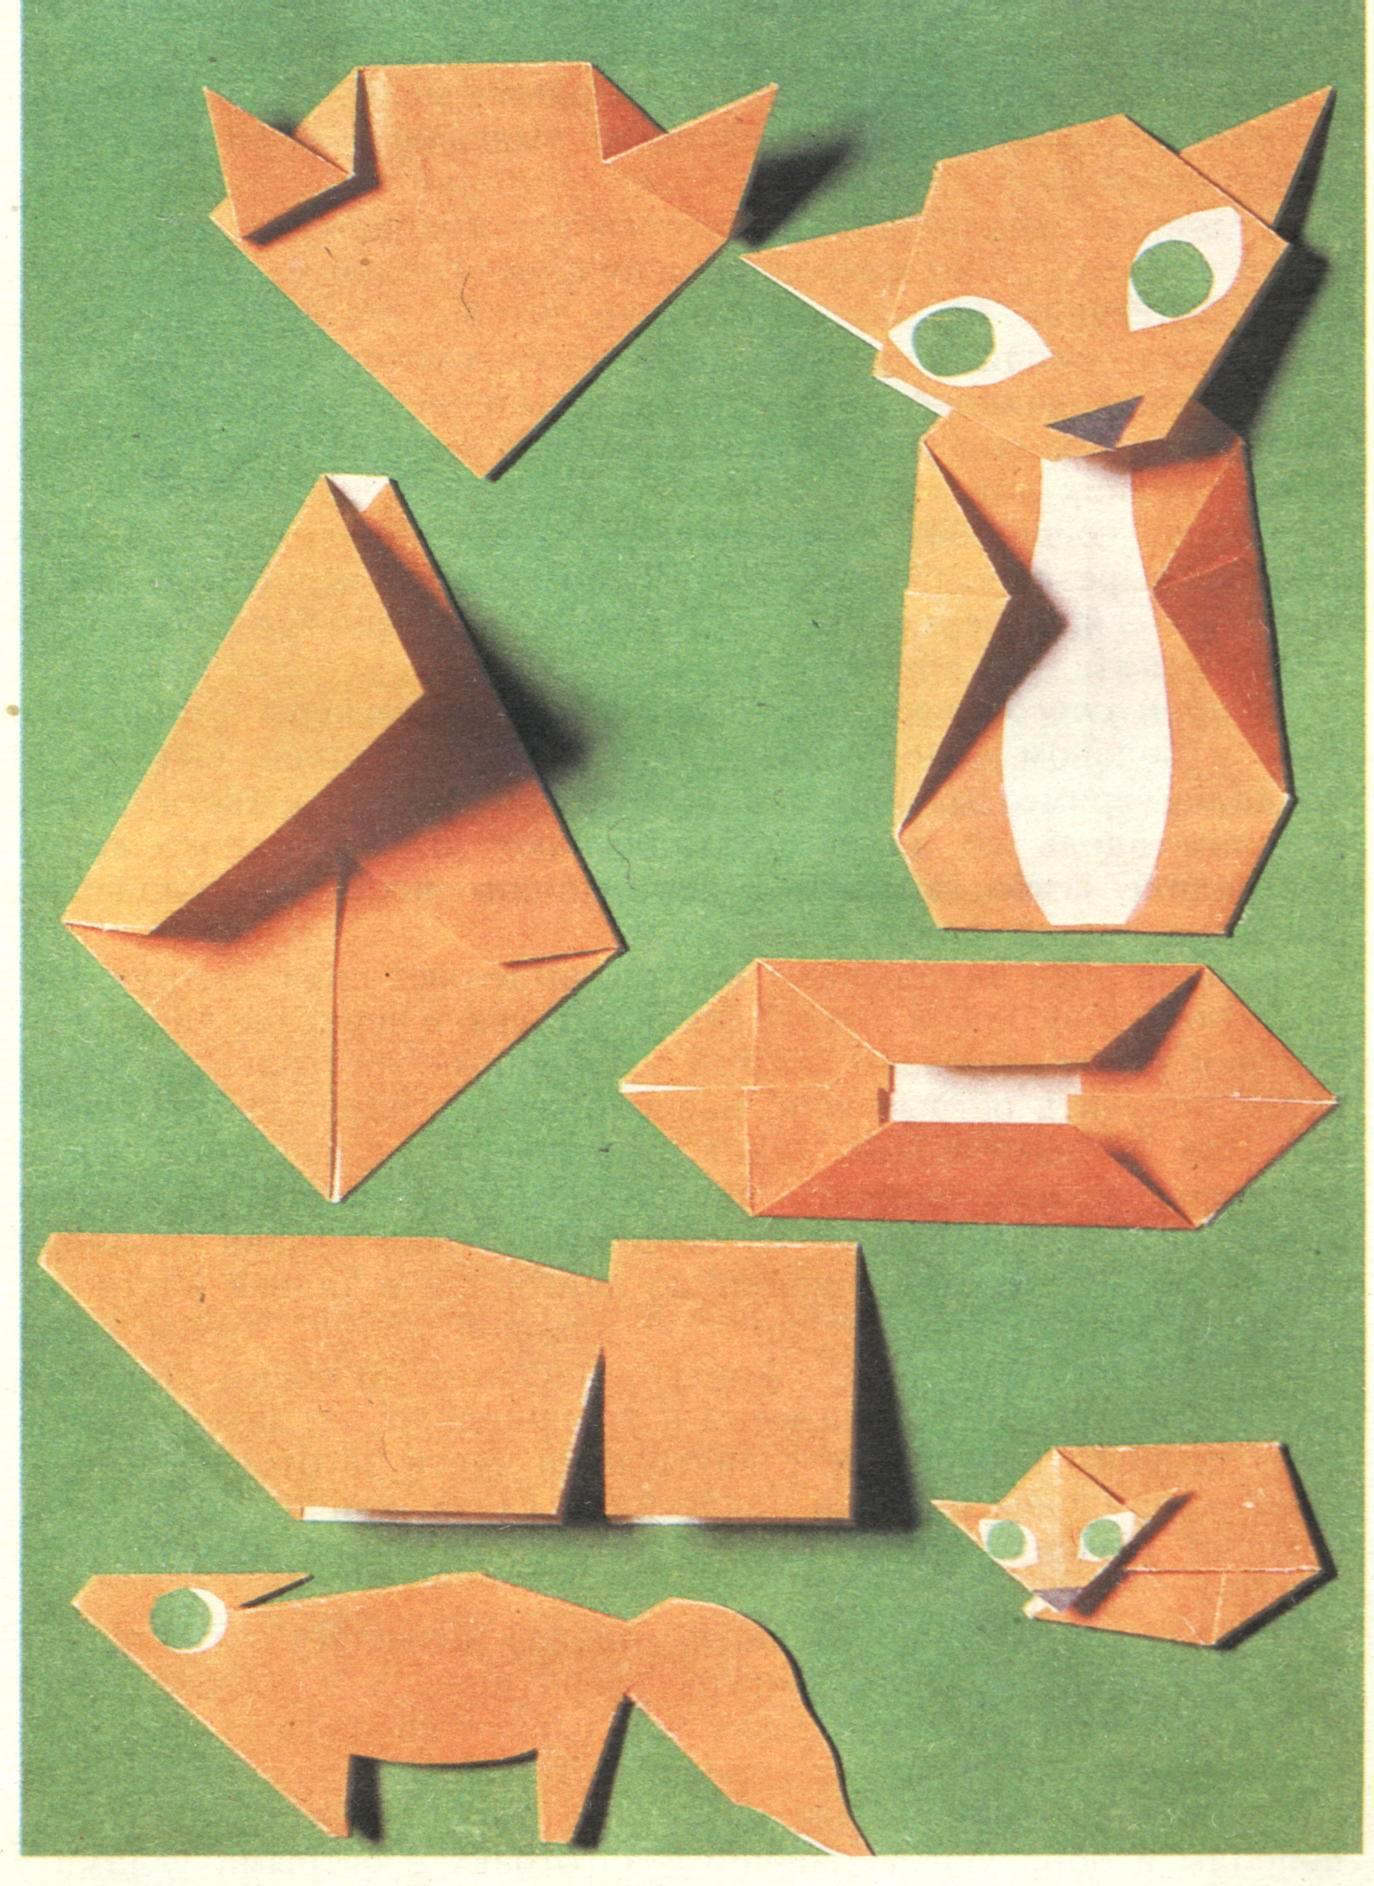 Самодельные сделано руками из бумаги